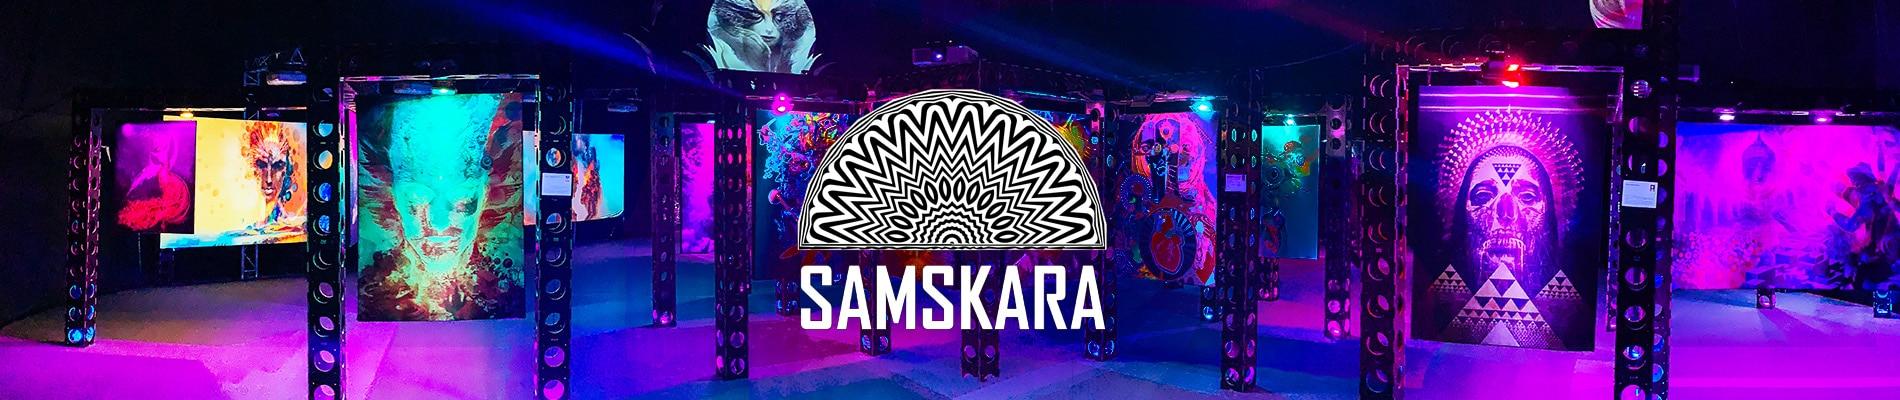 Samskara